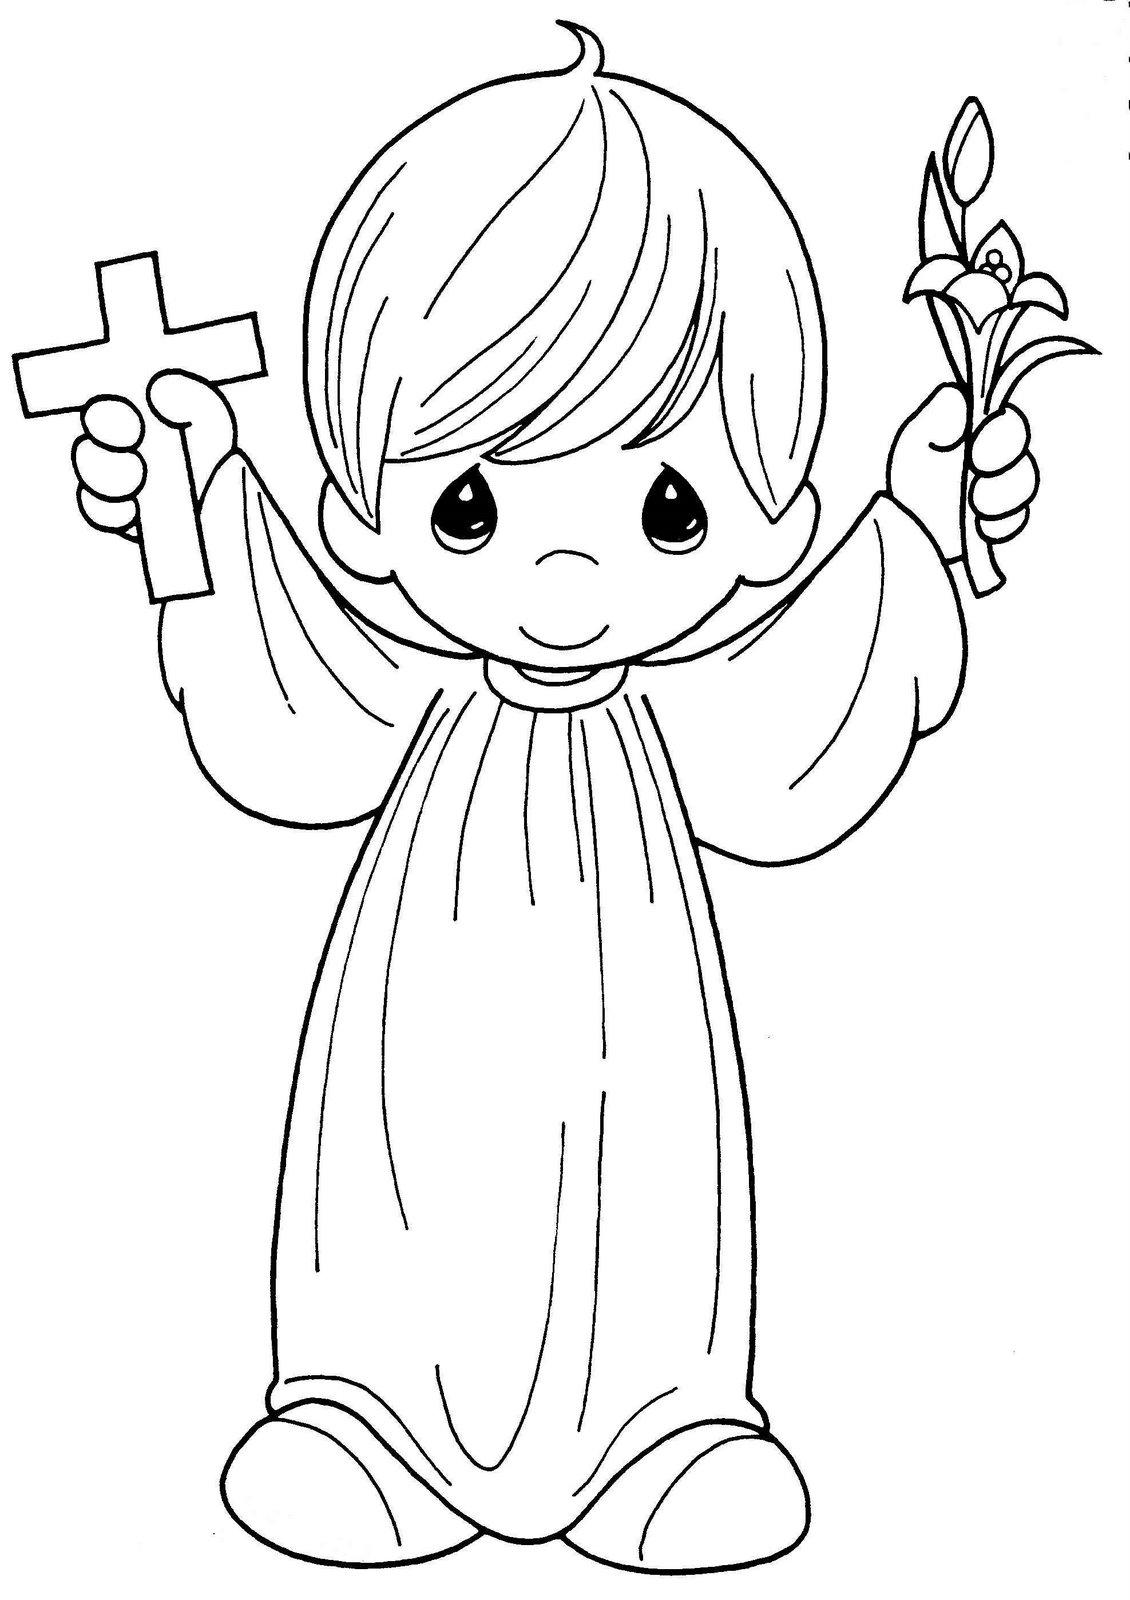 Child making first communion coloring child coloring for Immagini angeli da colorare